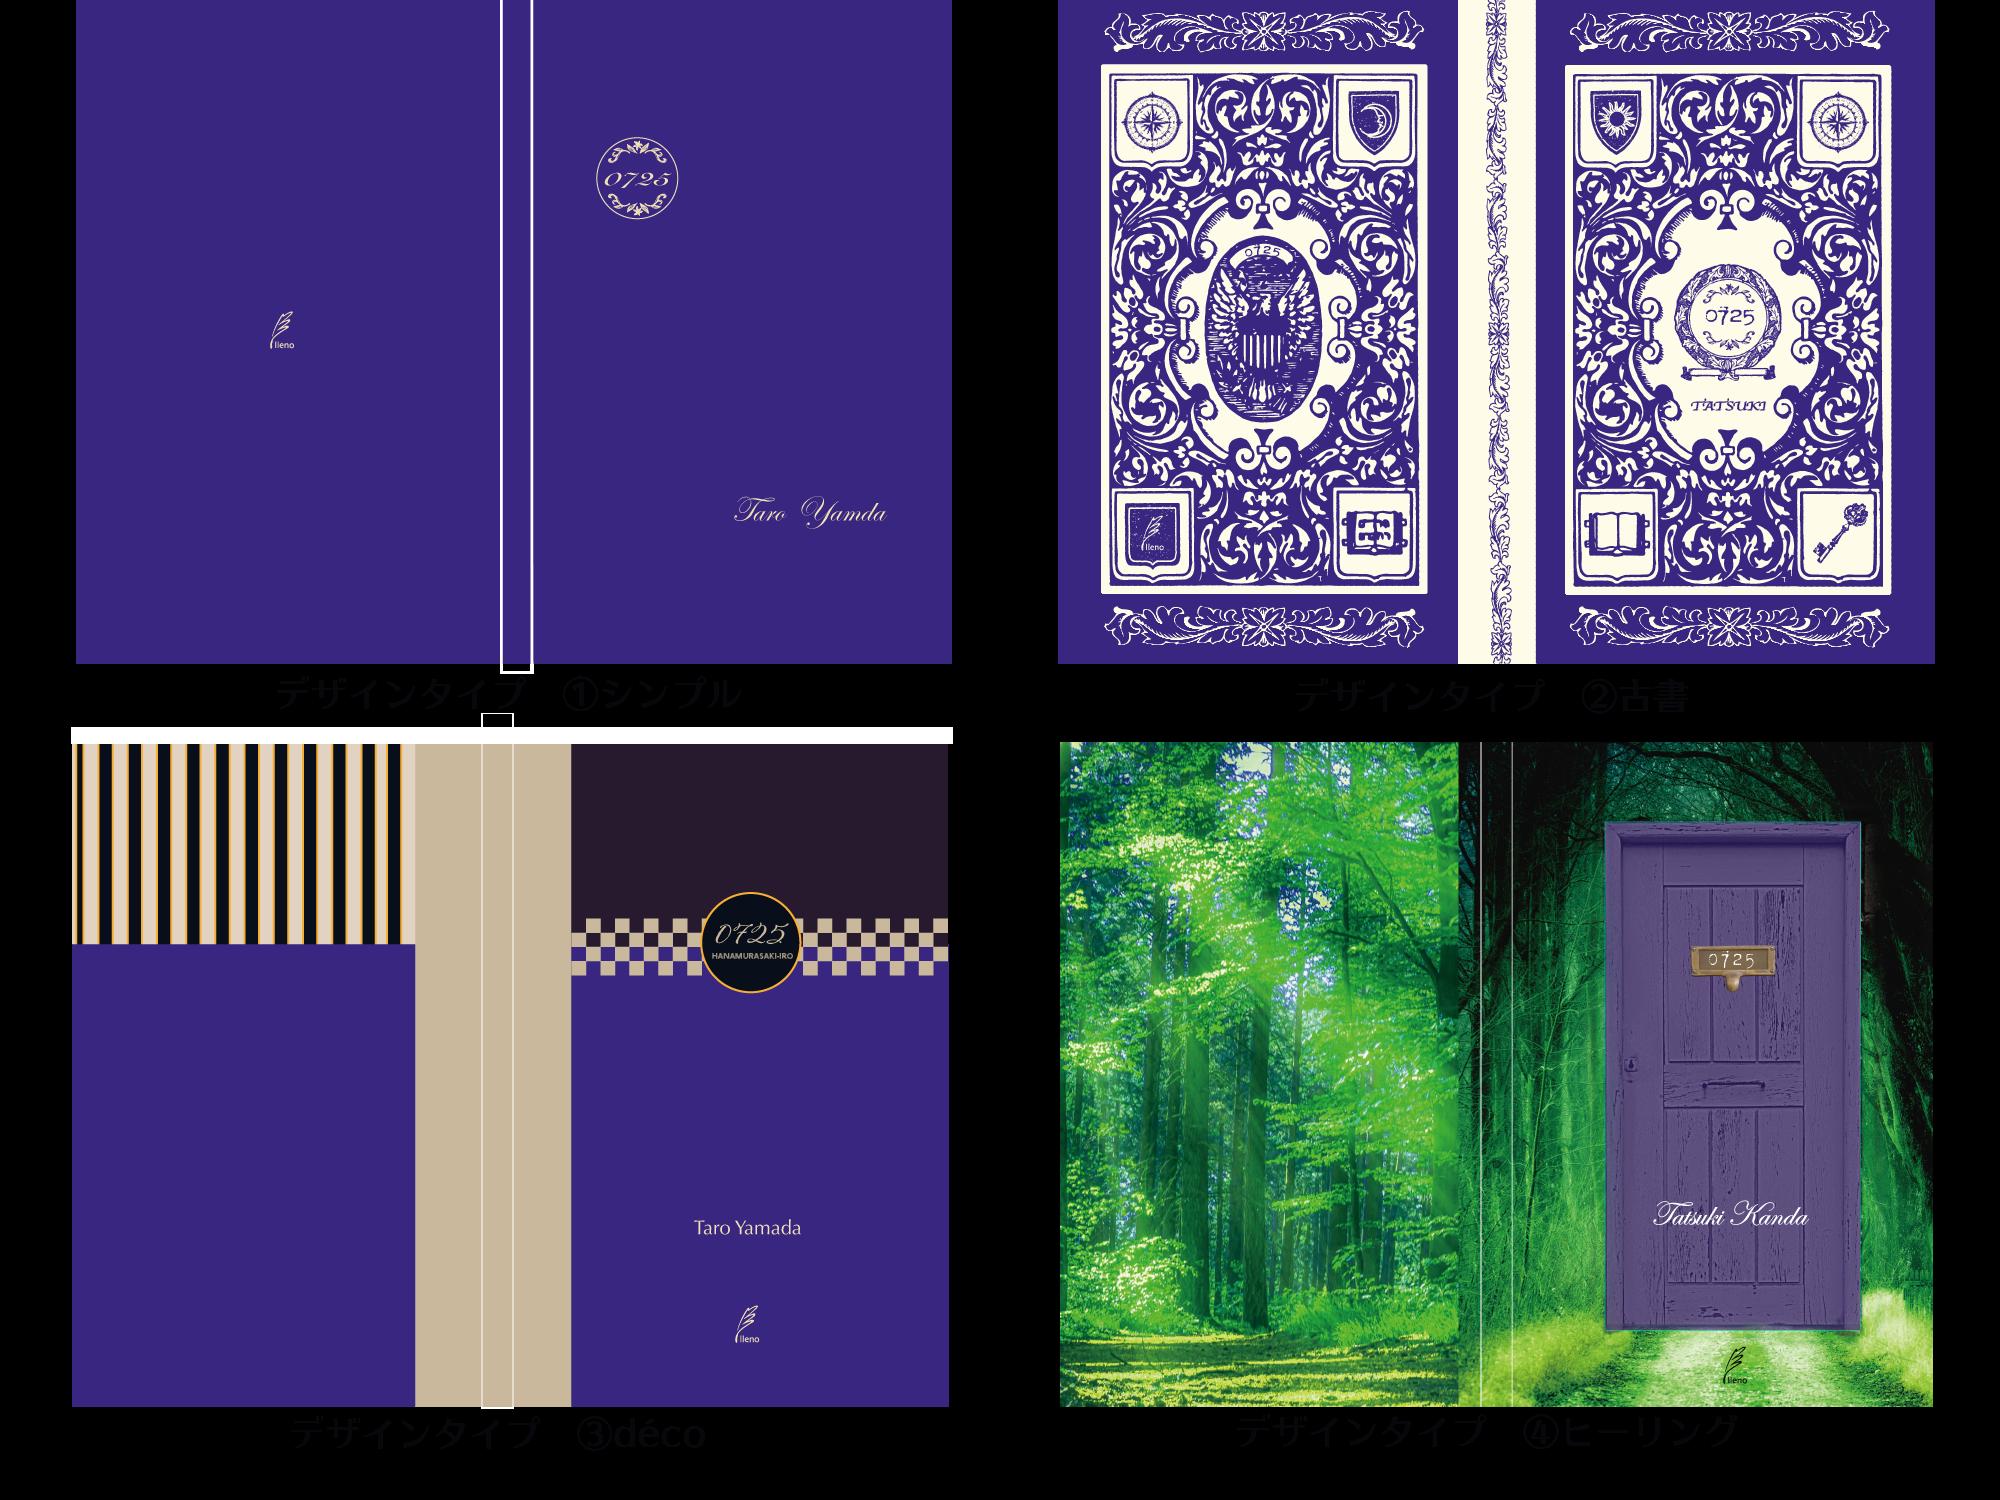 運命のノート『7月25日 花紫色』(鑑定&メッセージカード付)